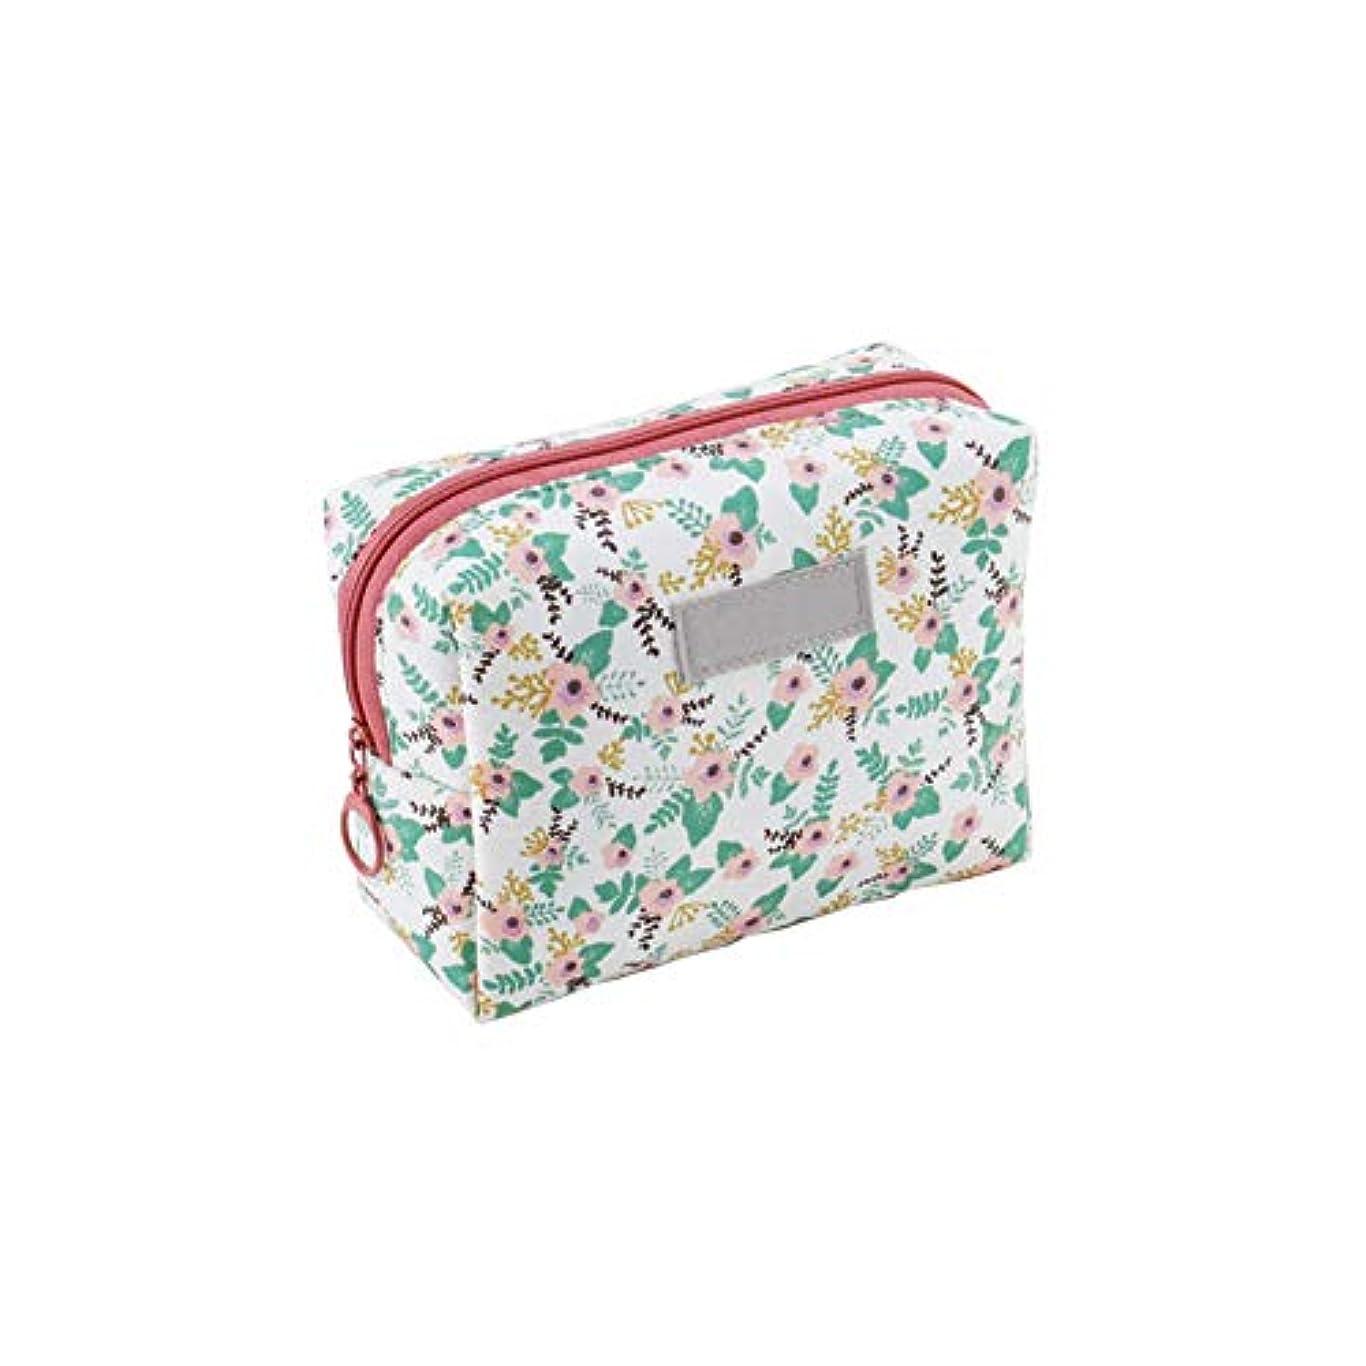 固める胴体オフポータブル手洗いバッグウォッシュバッグ旅行化粧品袋化粧バッグオーガナイザーさん男性(白、ピンクの花)